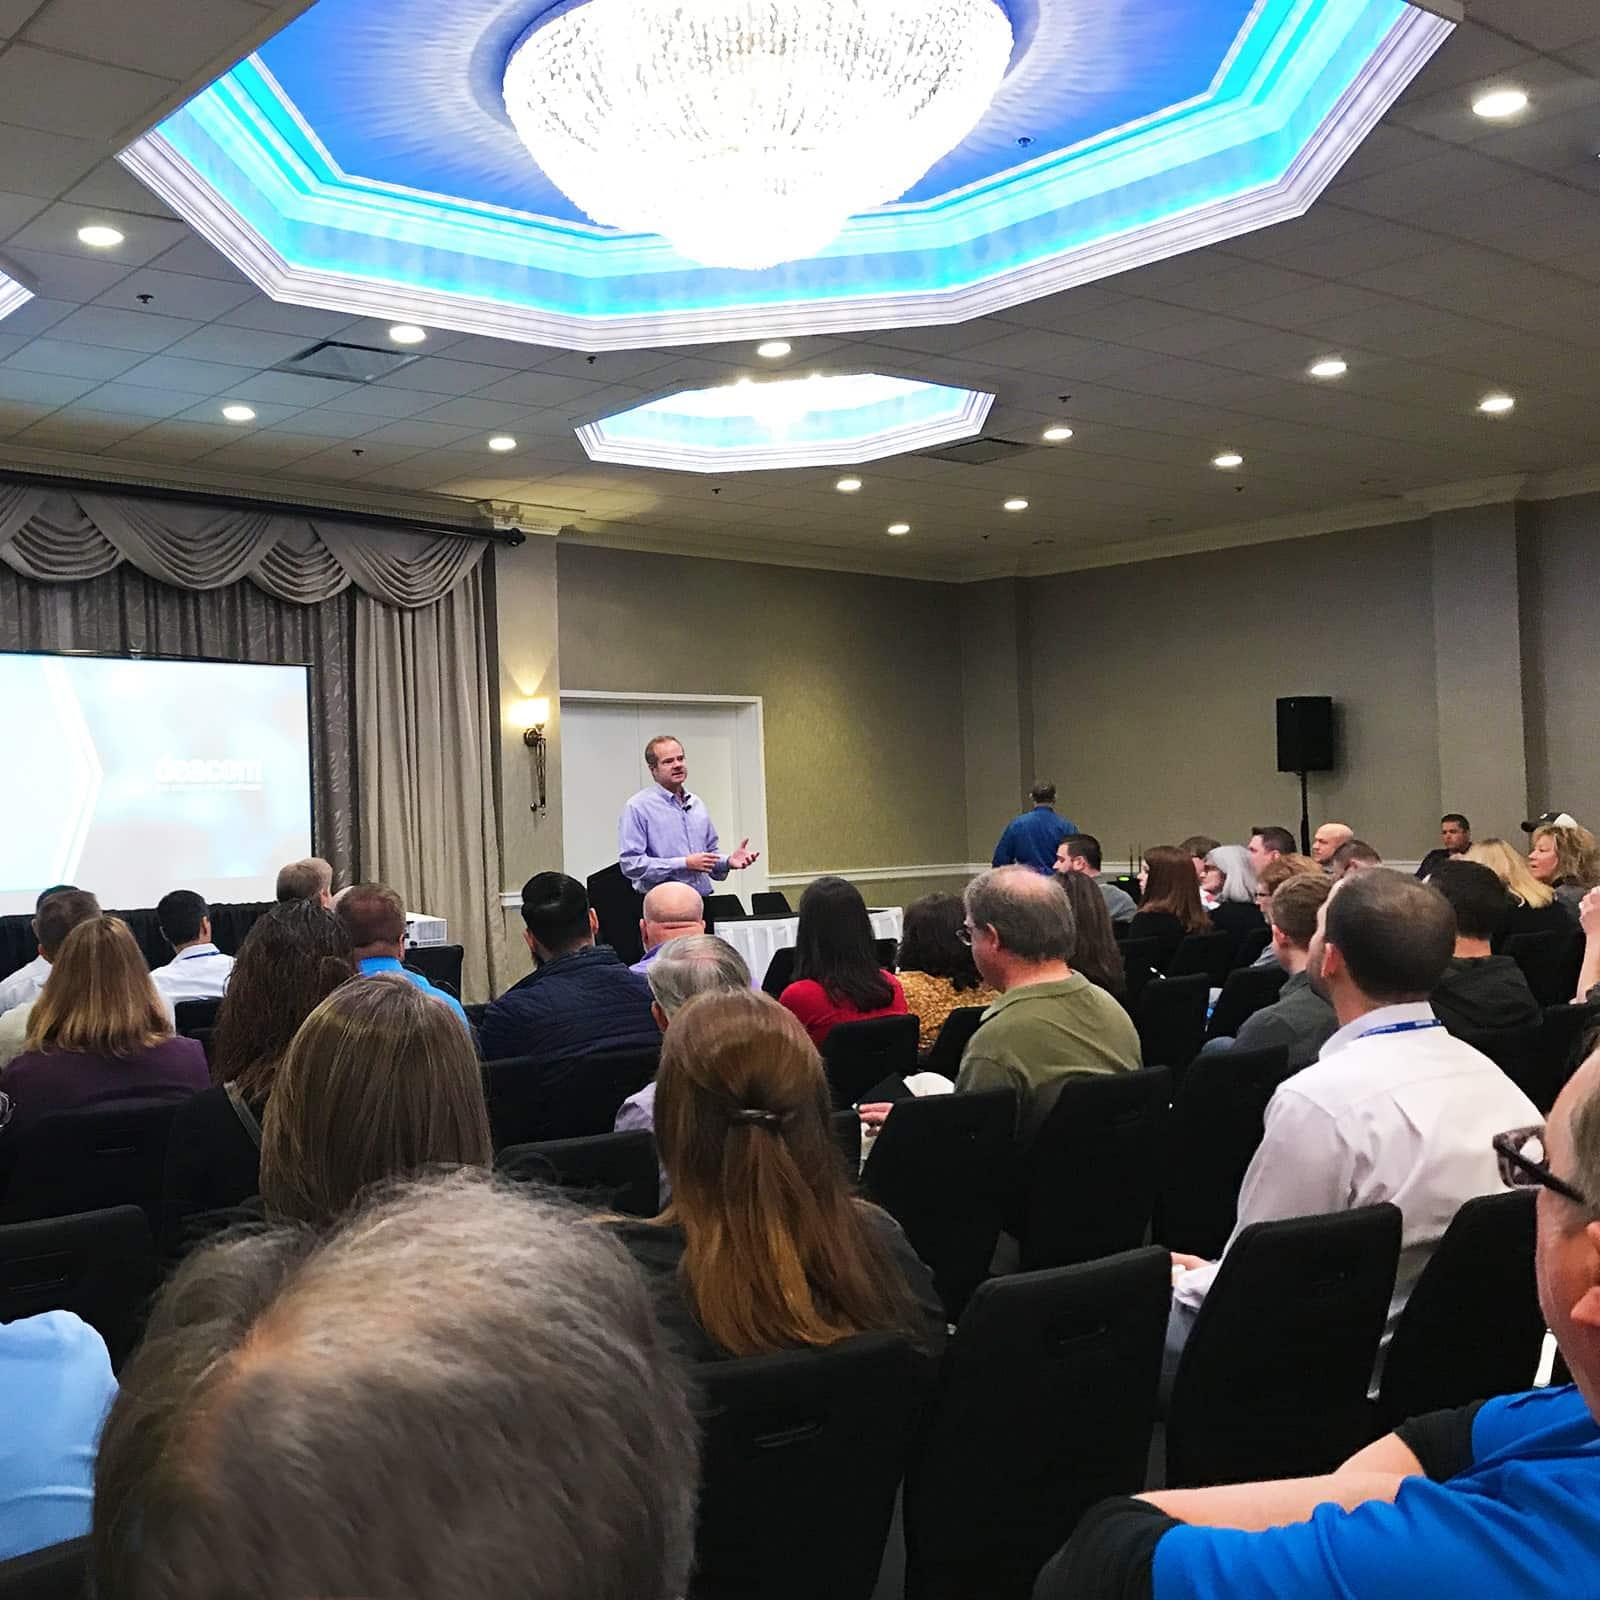 Deacom User Conference Keynote